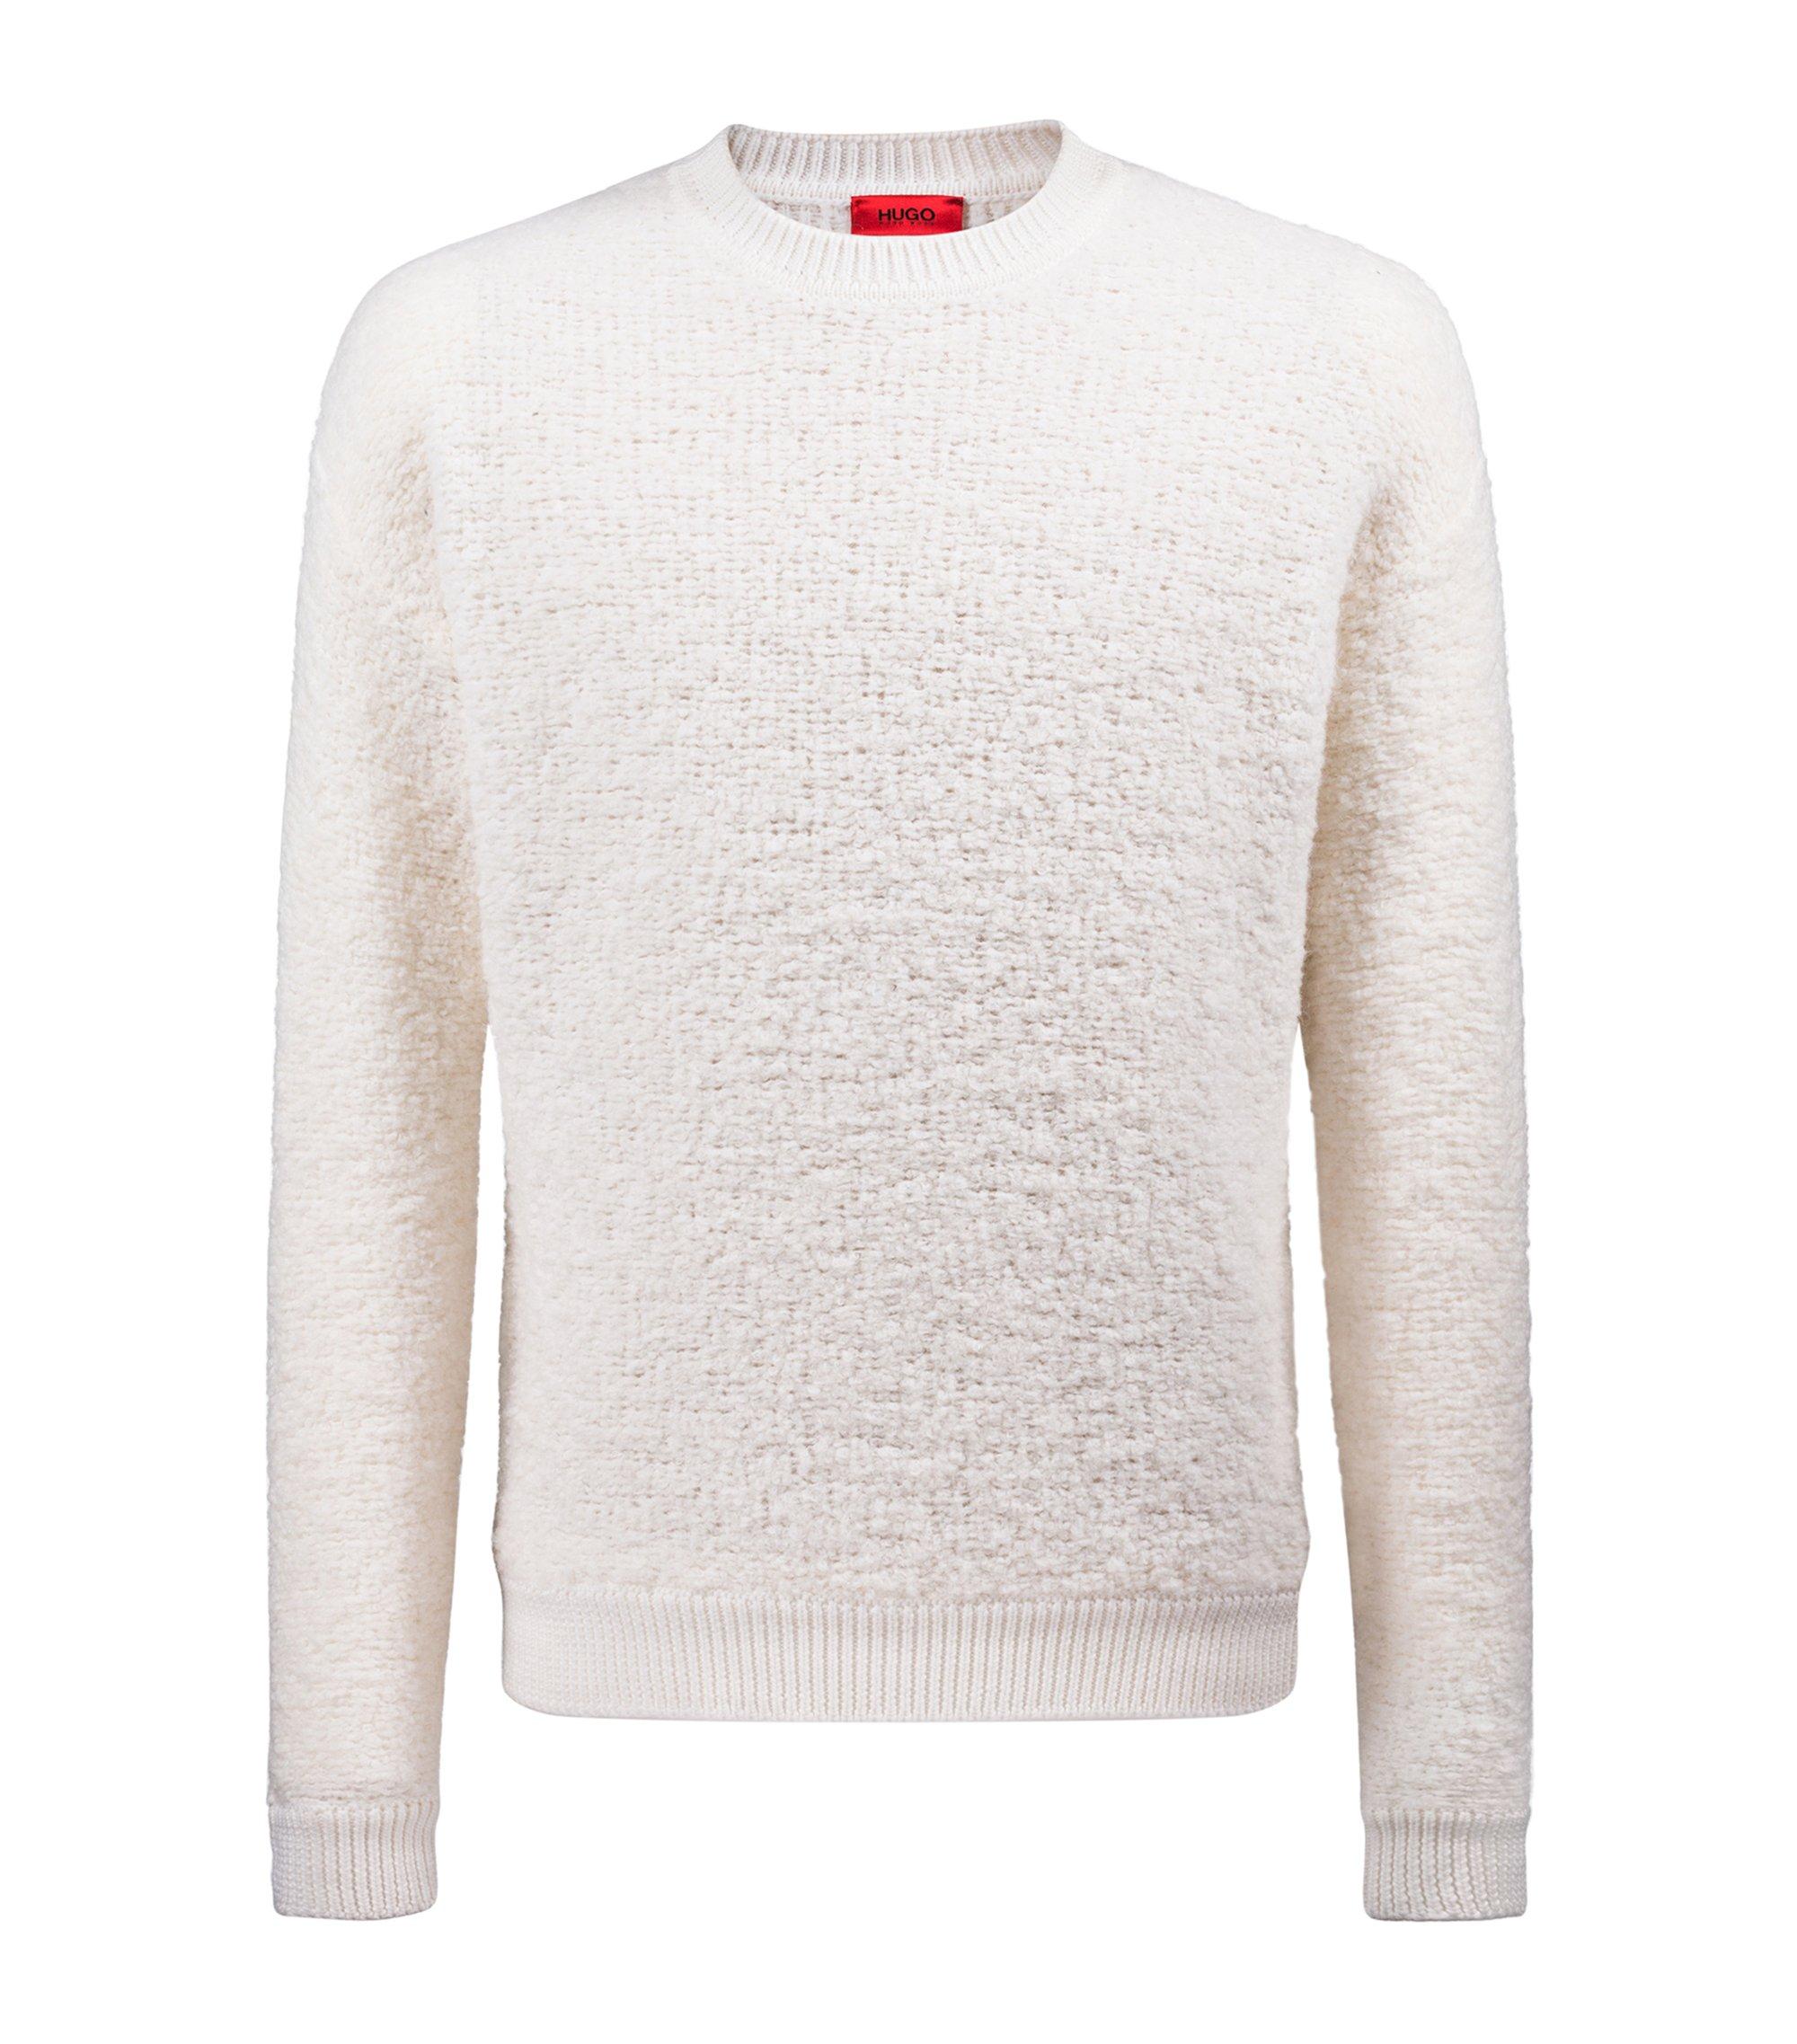 Oversized Bouclé-Pullover in Lammfell-Optik mit breit gerippten Bündchen, Weiß